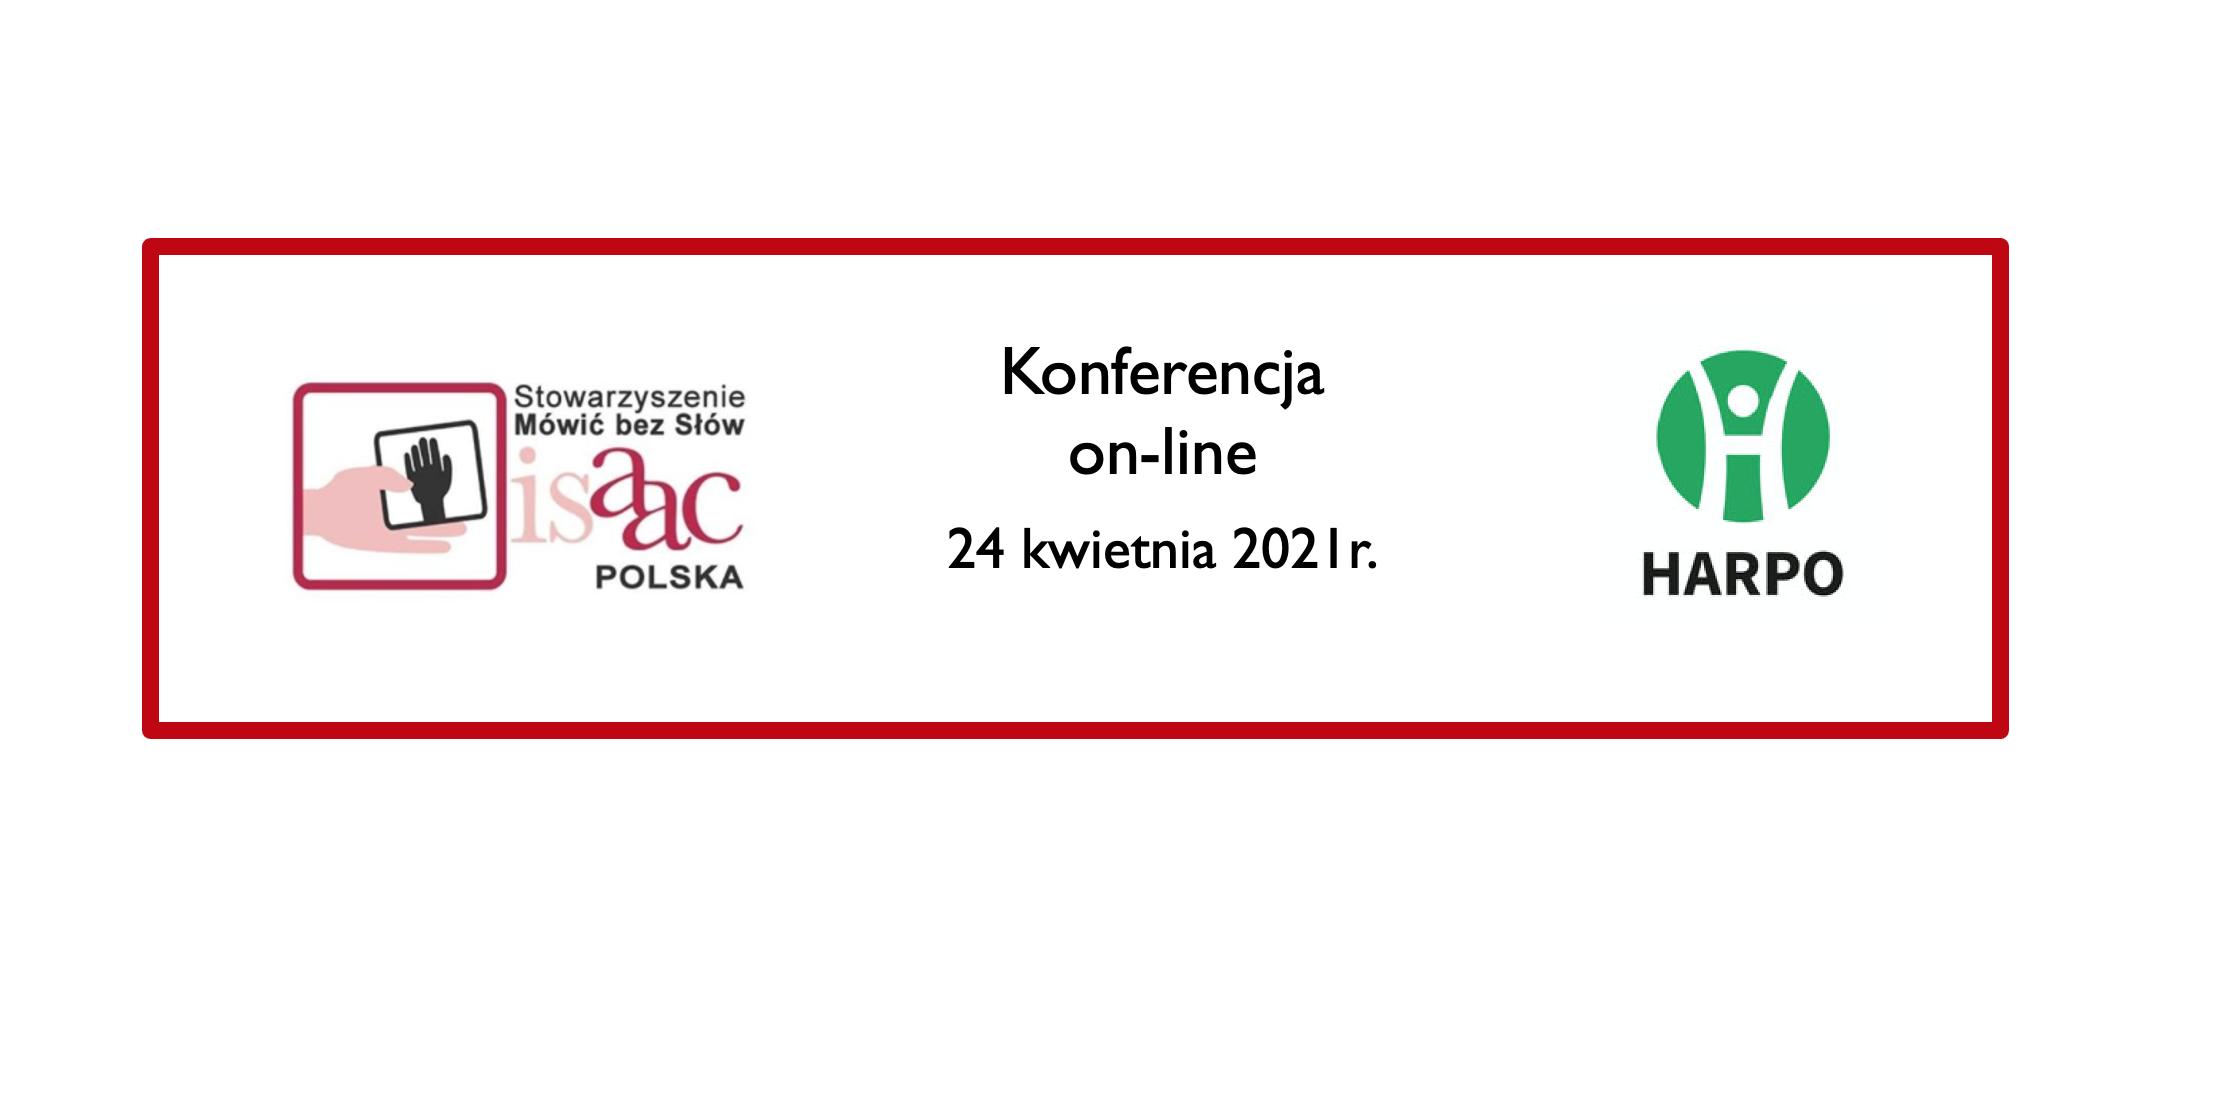 Baner  z logotypami organizatorów konferencji.